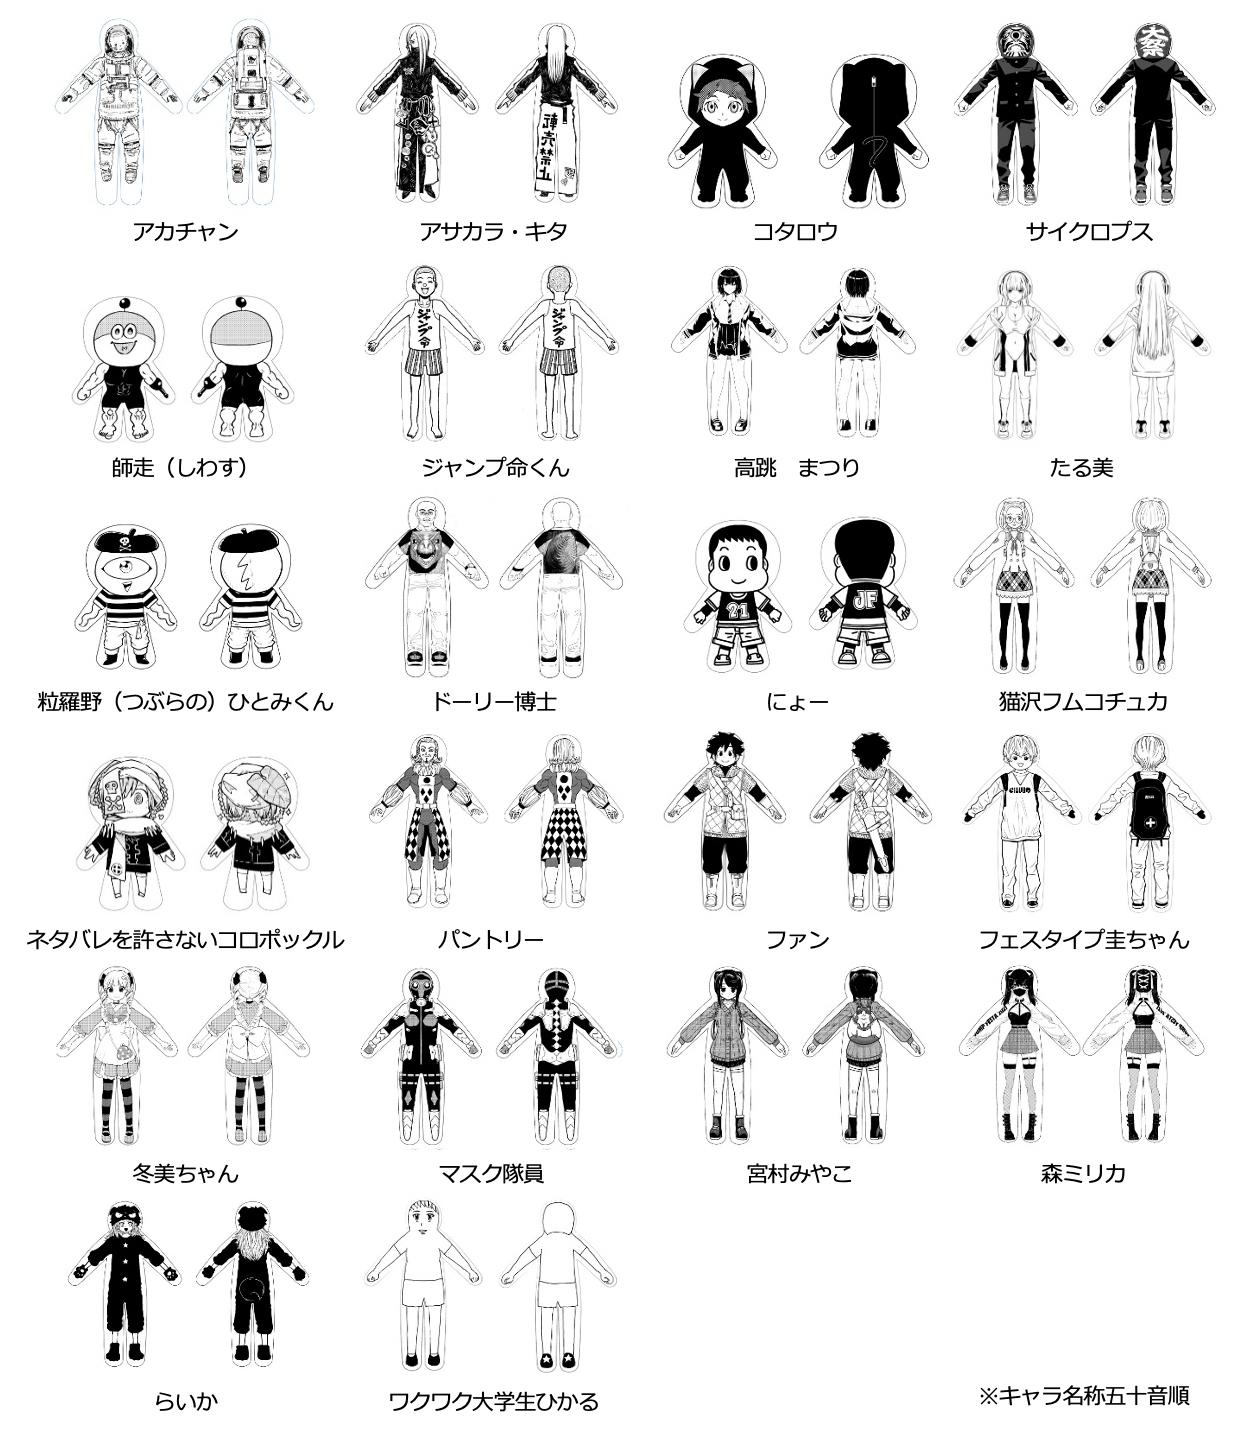 「ジャンプフェスタ2021 ONLINE」「ジャンフェス島」内で遊べるキャラクター一覧